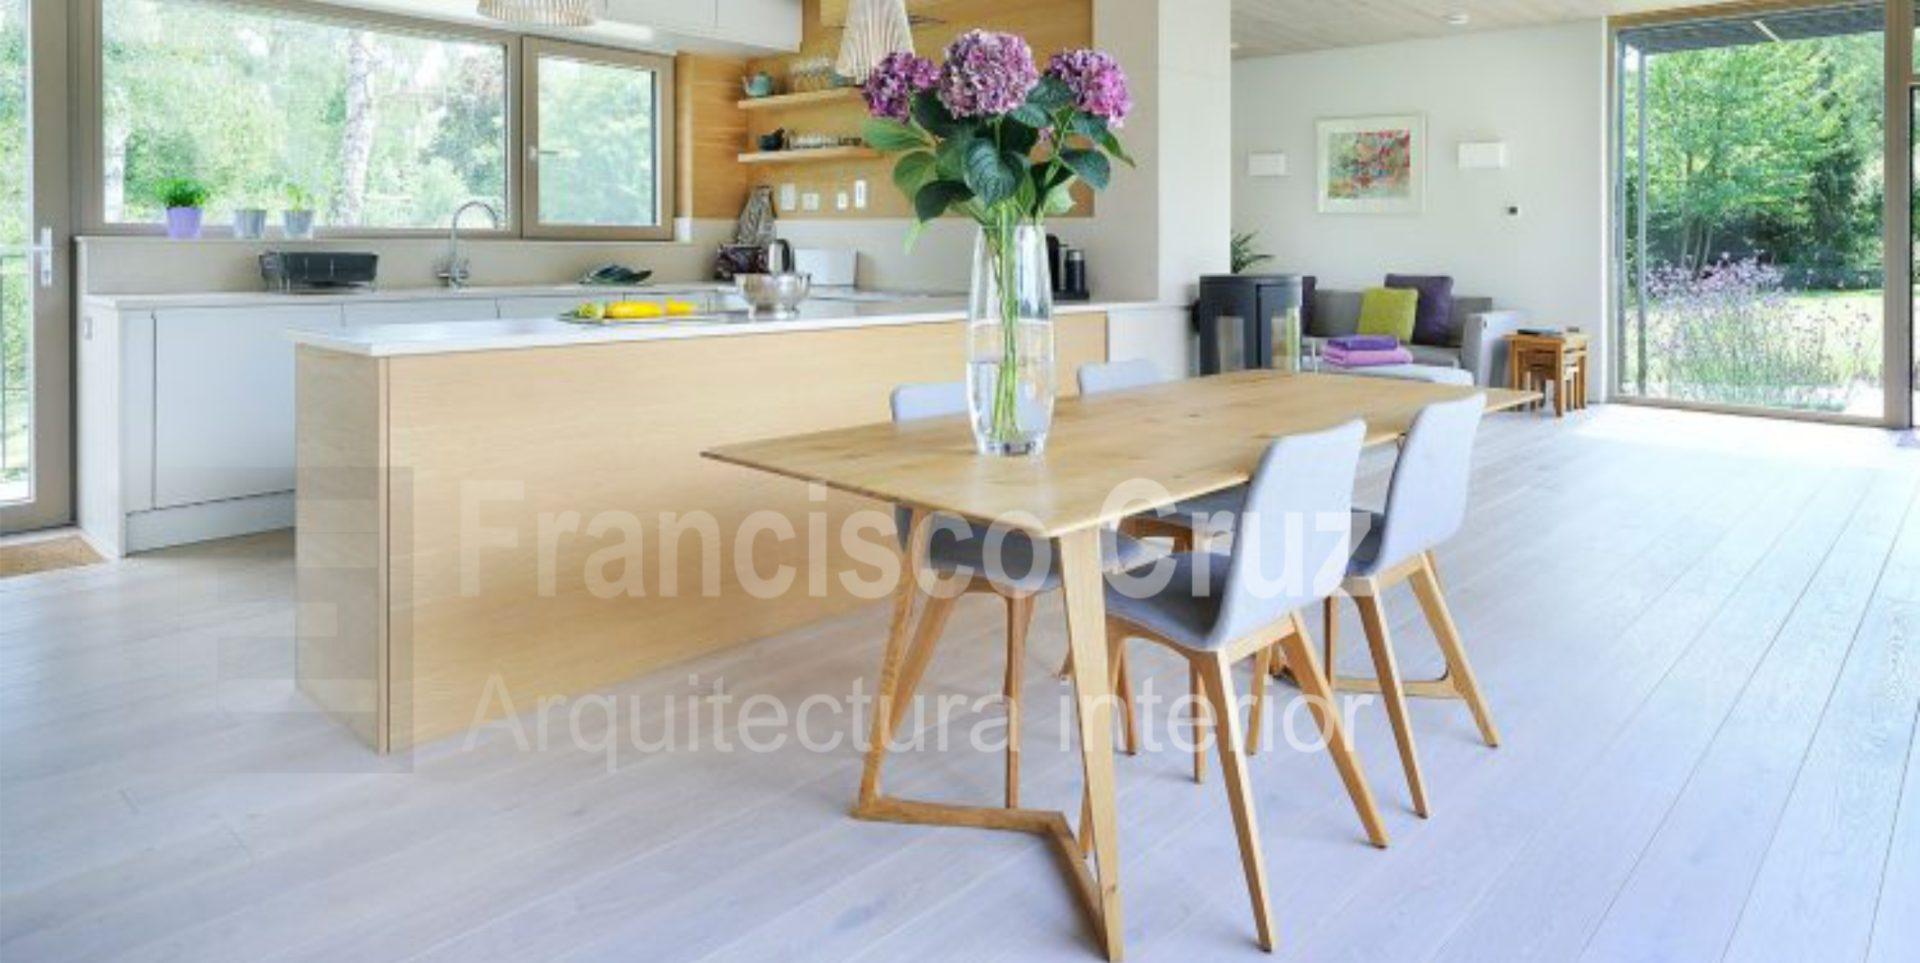 Diseño y remodelacion - Cocinas, Baños, walk in closet, Muebles